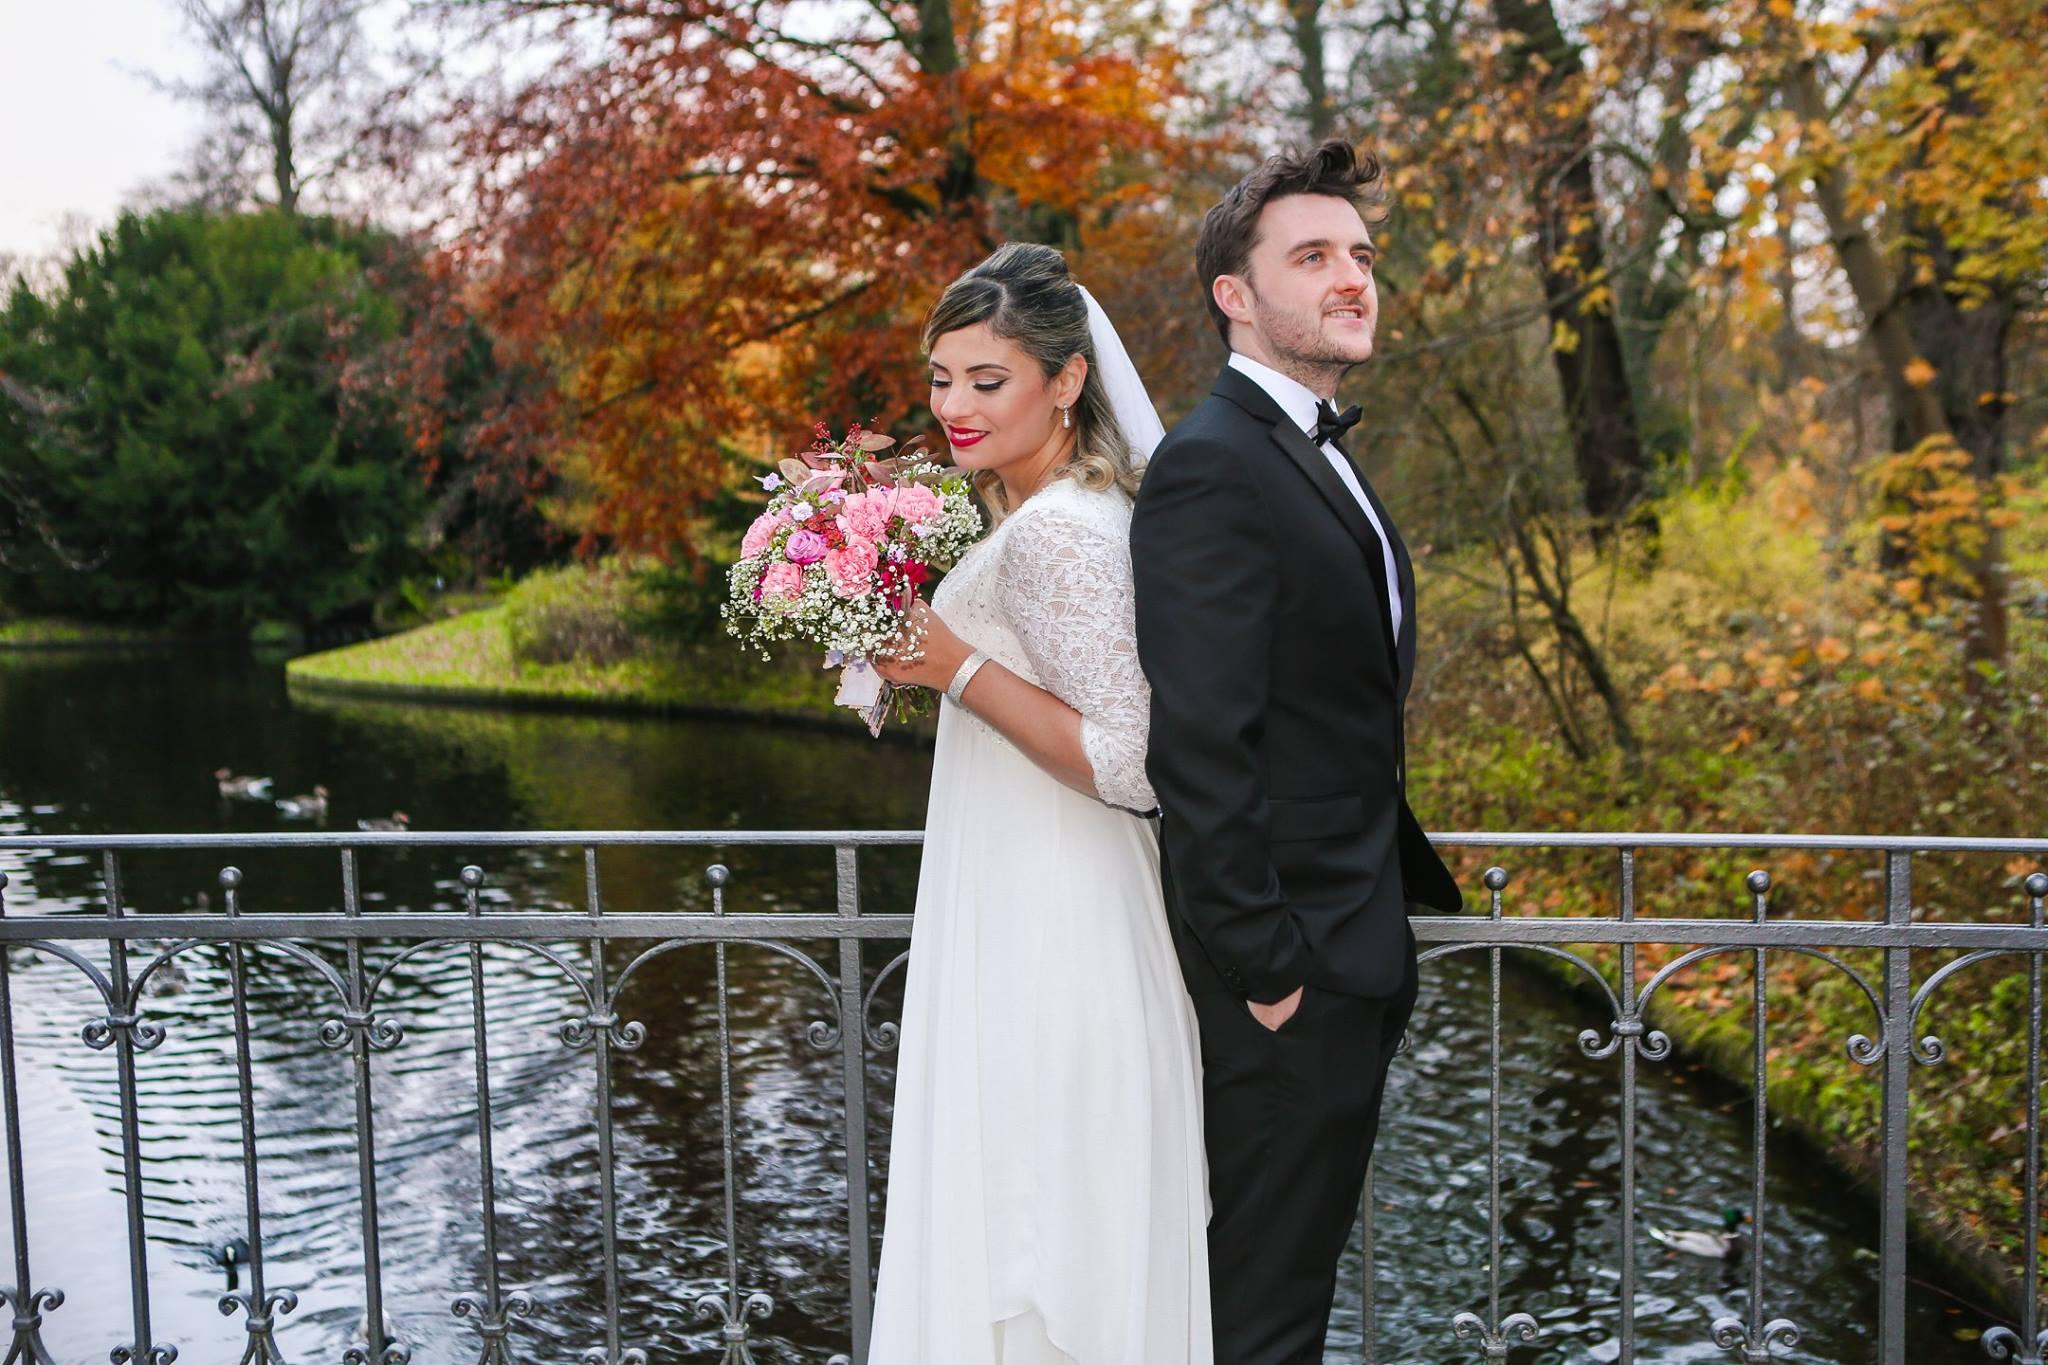 copenhagen-wedding-photograoher37